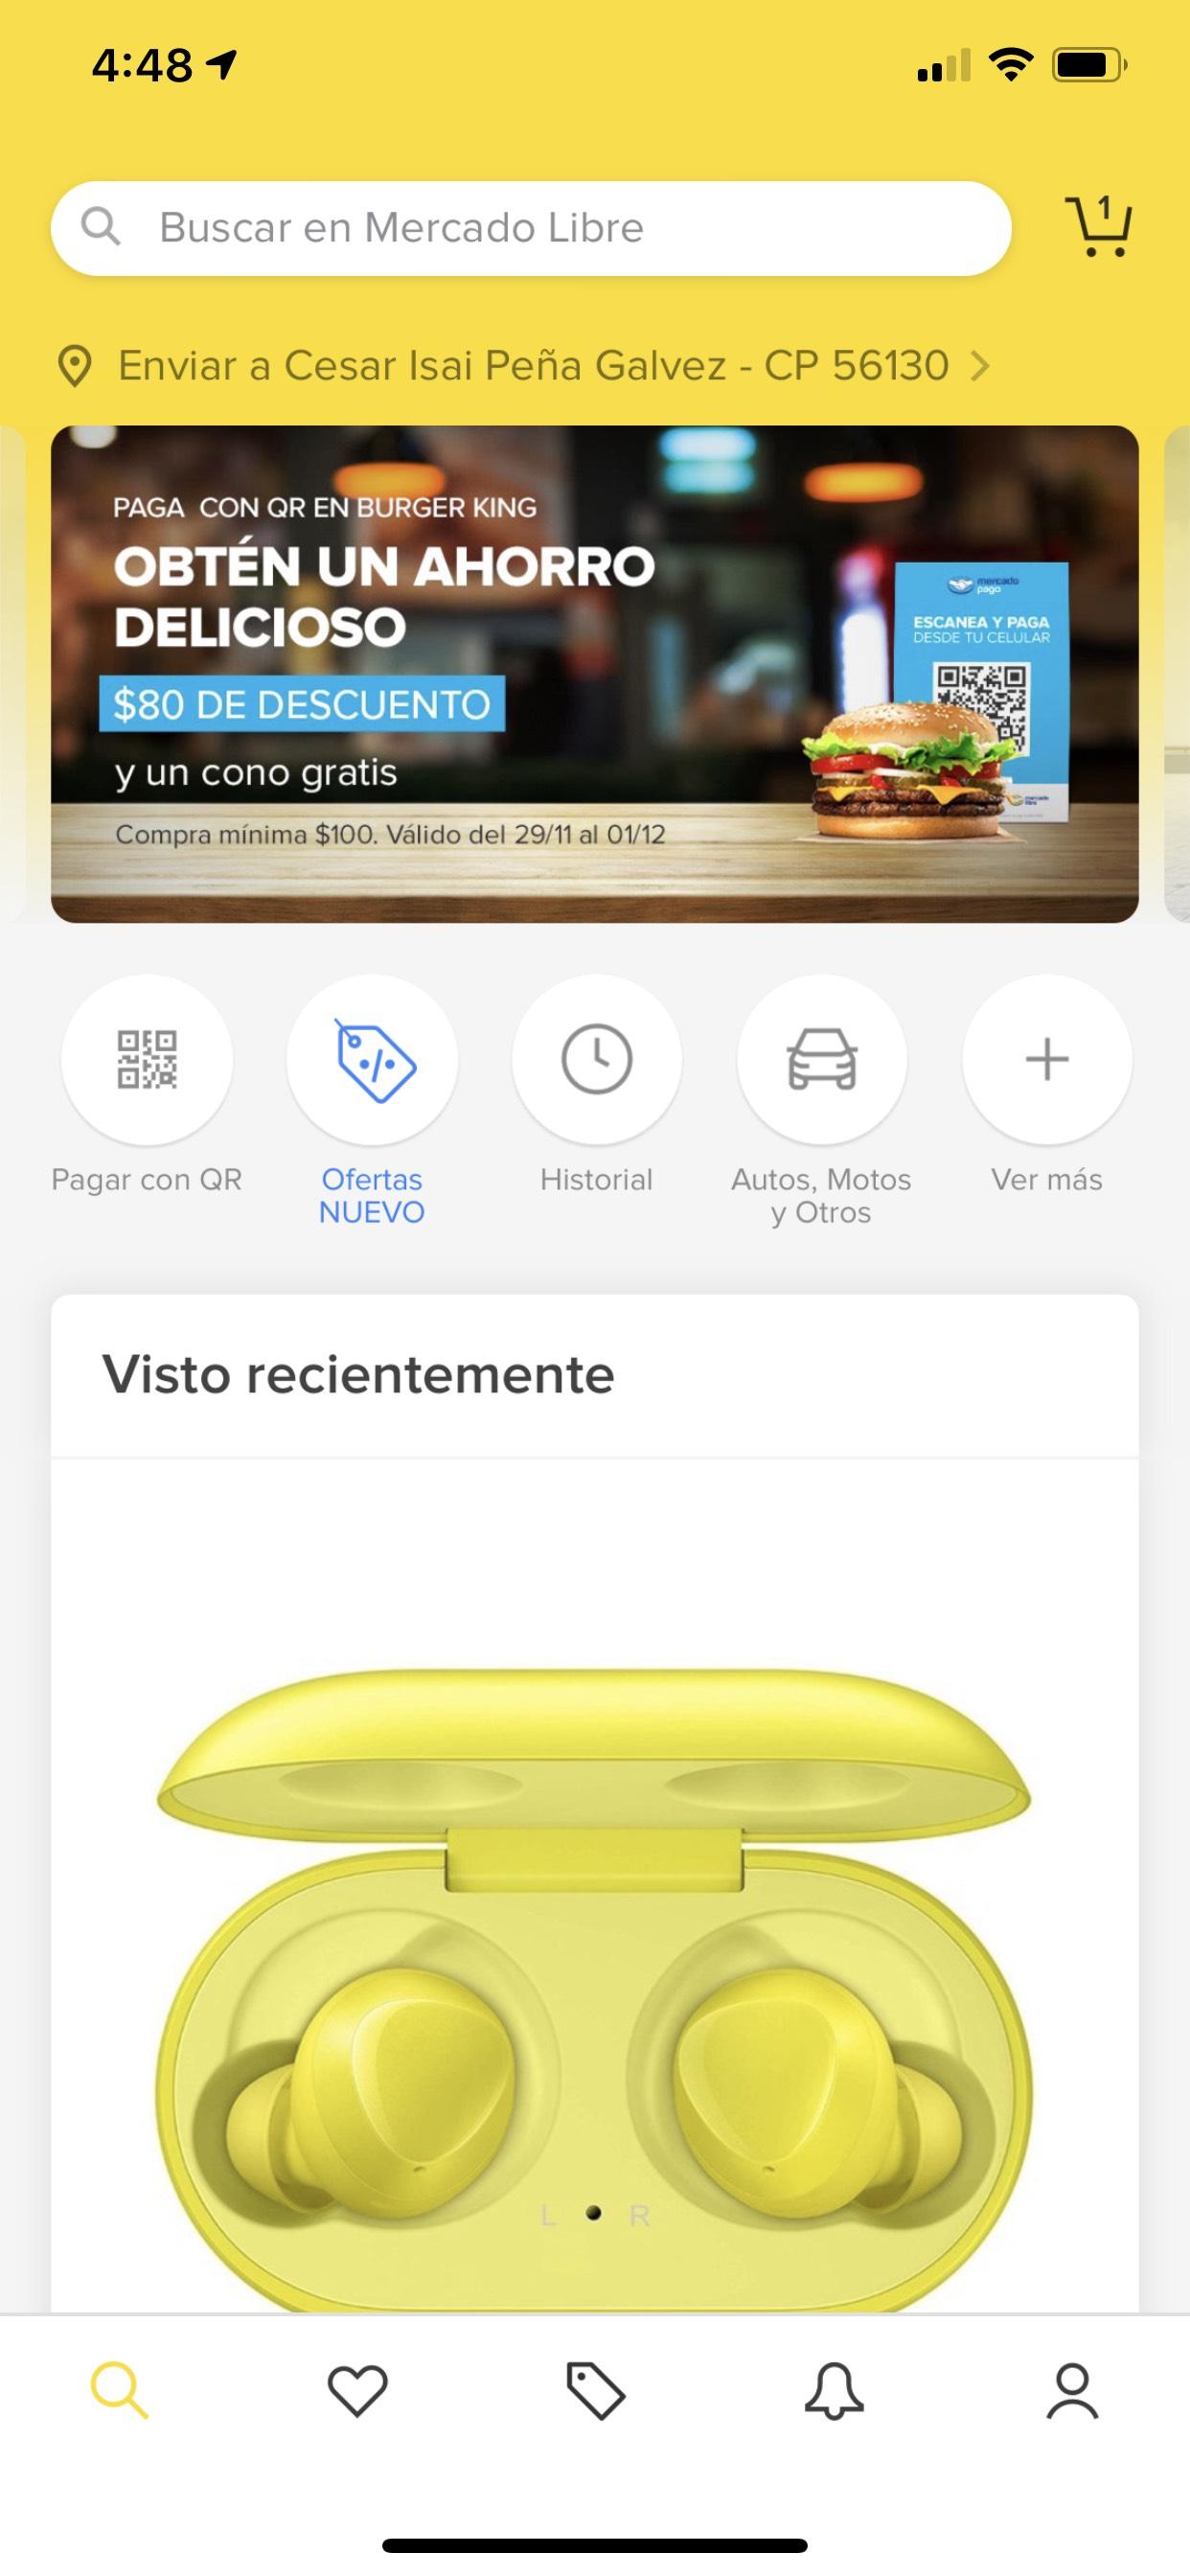 Mercado pago: $80 de descuento en al pagar con QR en Burger King